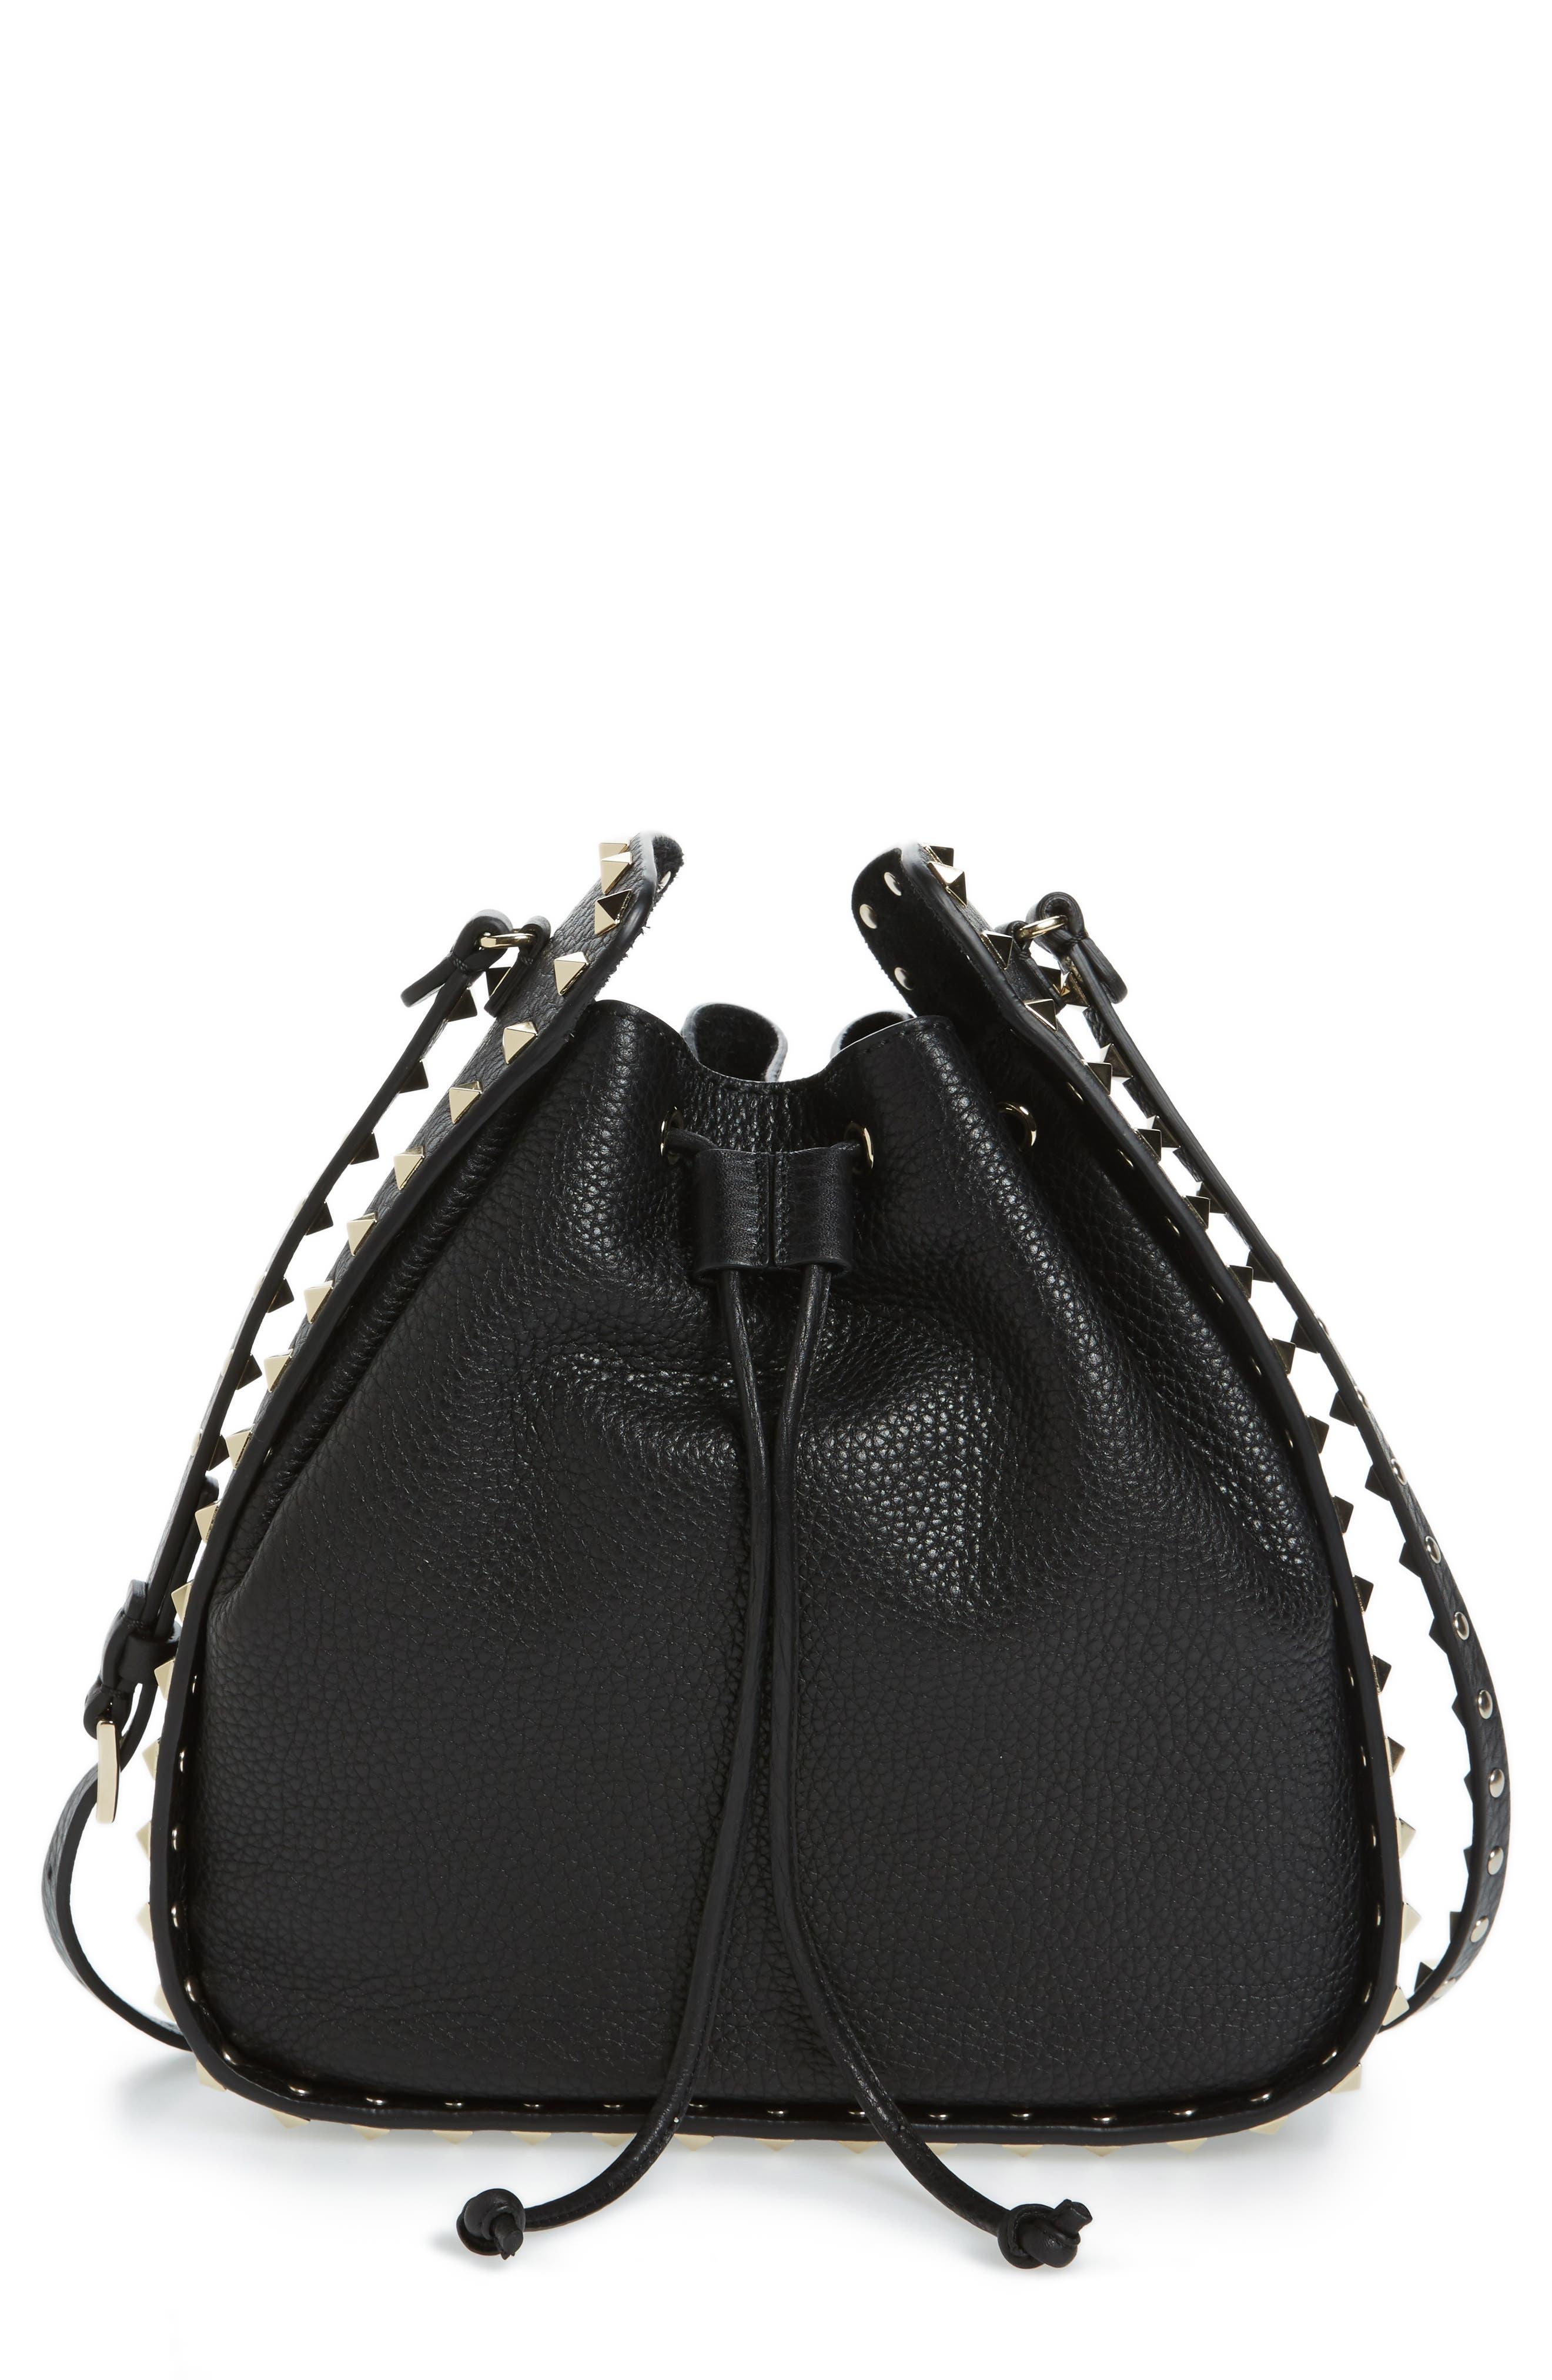 Main Image - VALENTINO GARAVANI Large Rockstud Leather Bucket Bag